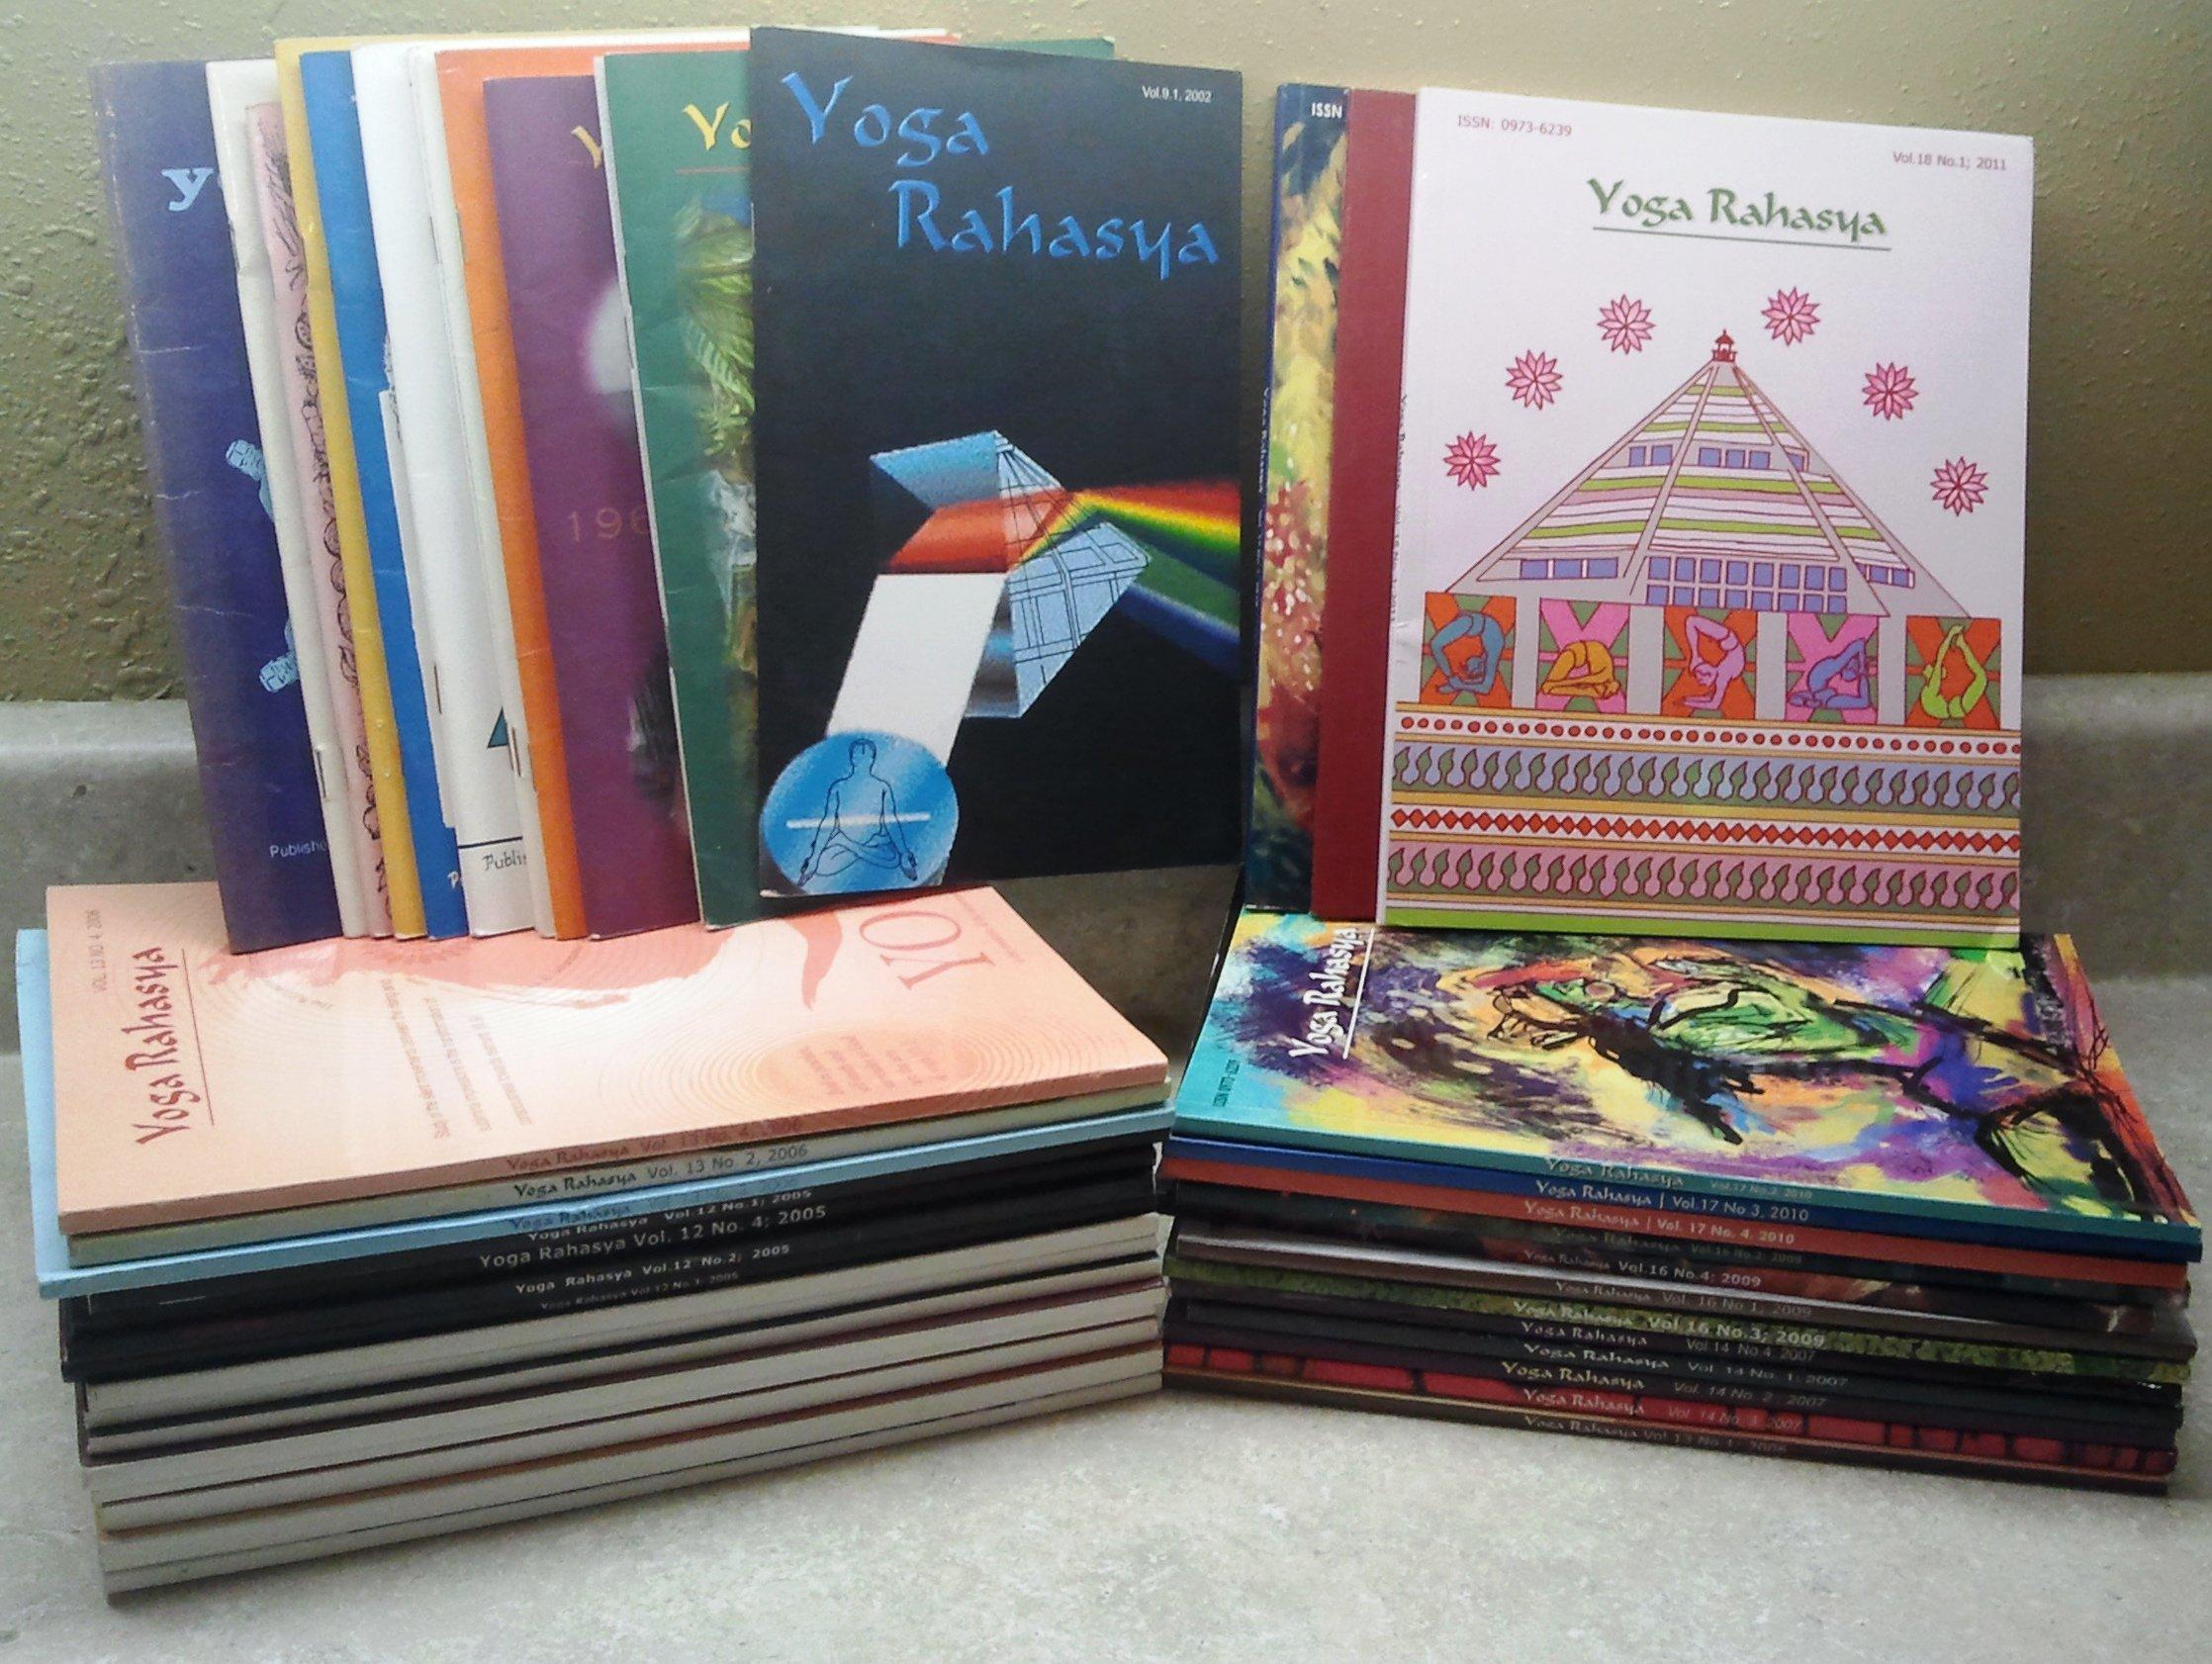 Yoga Rahasya: 43 Volume Set: Rahasya: Amazon.com: Books